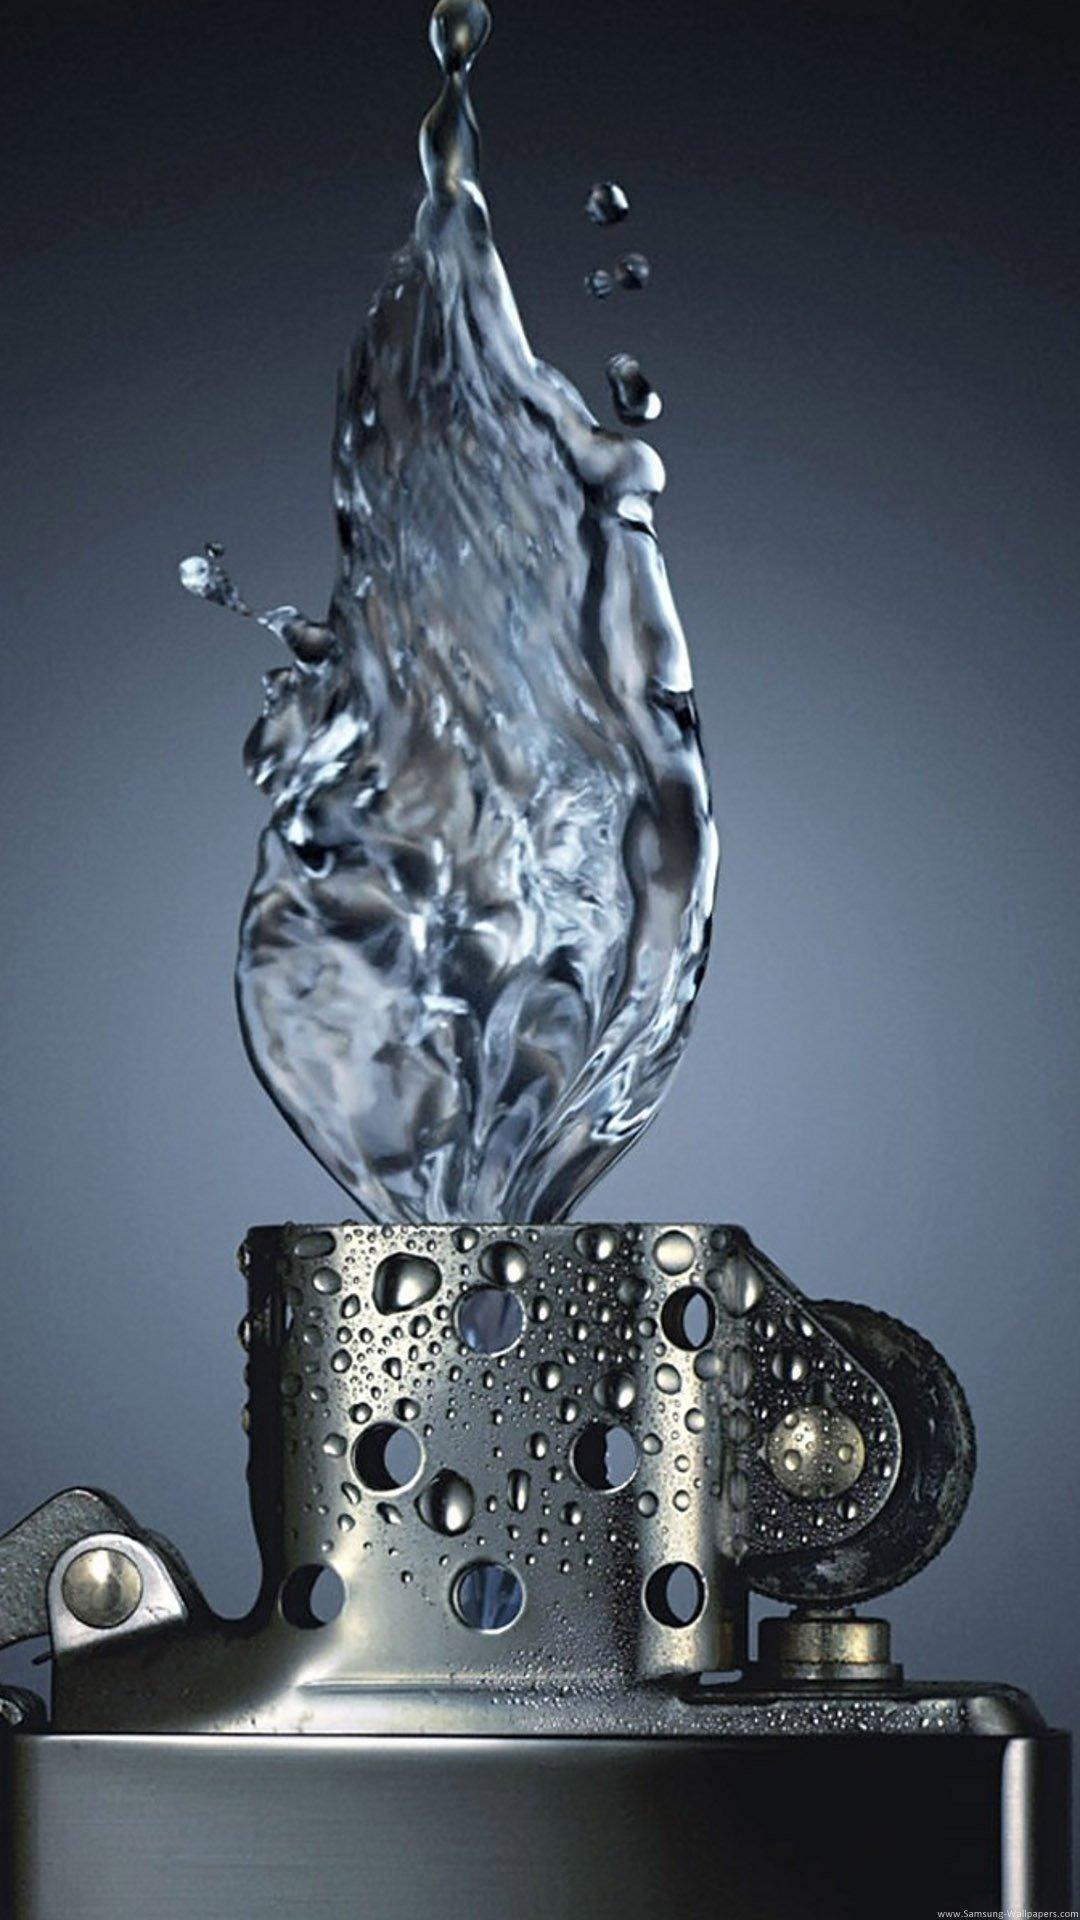 Isqueiro com chama de água